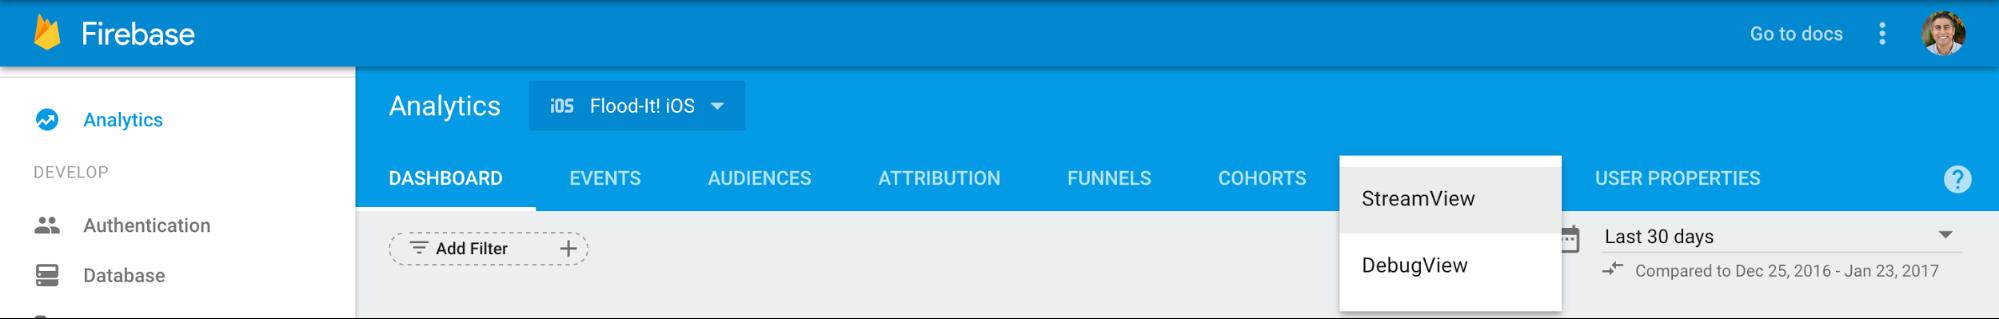 Accédez à DebugView en sélectionnant la flèche à côté de StreamView en haut de la navigation de Google Analytics et en sélectionnant DebugView